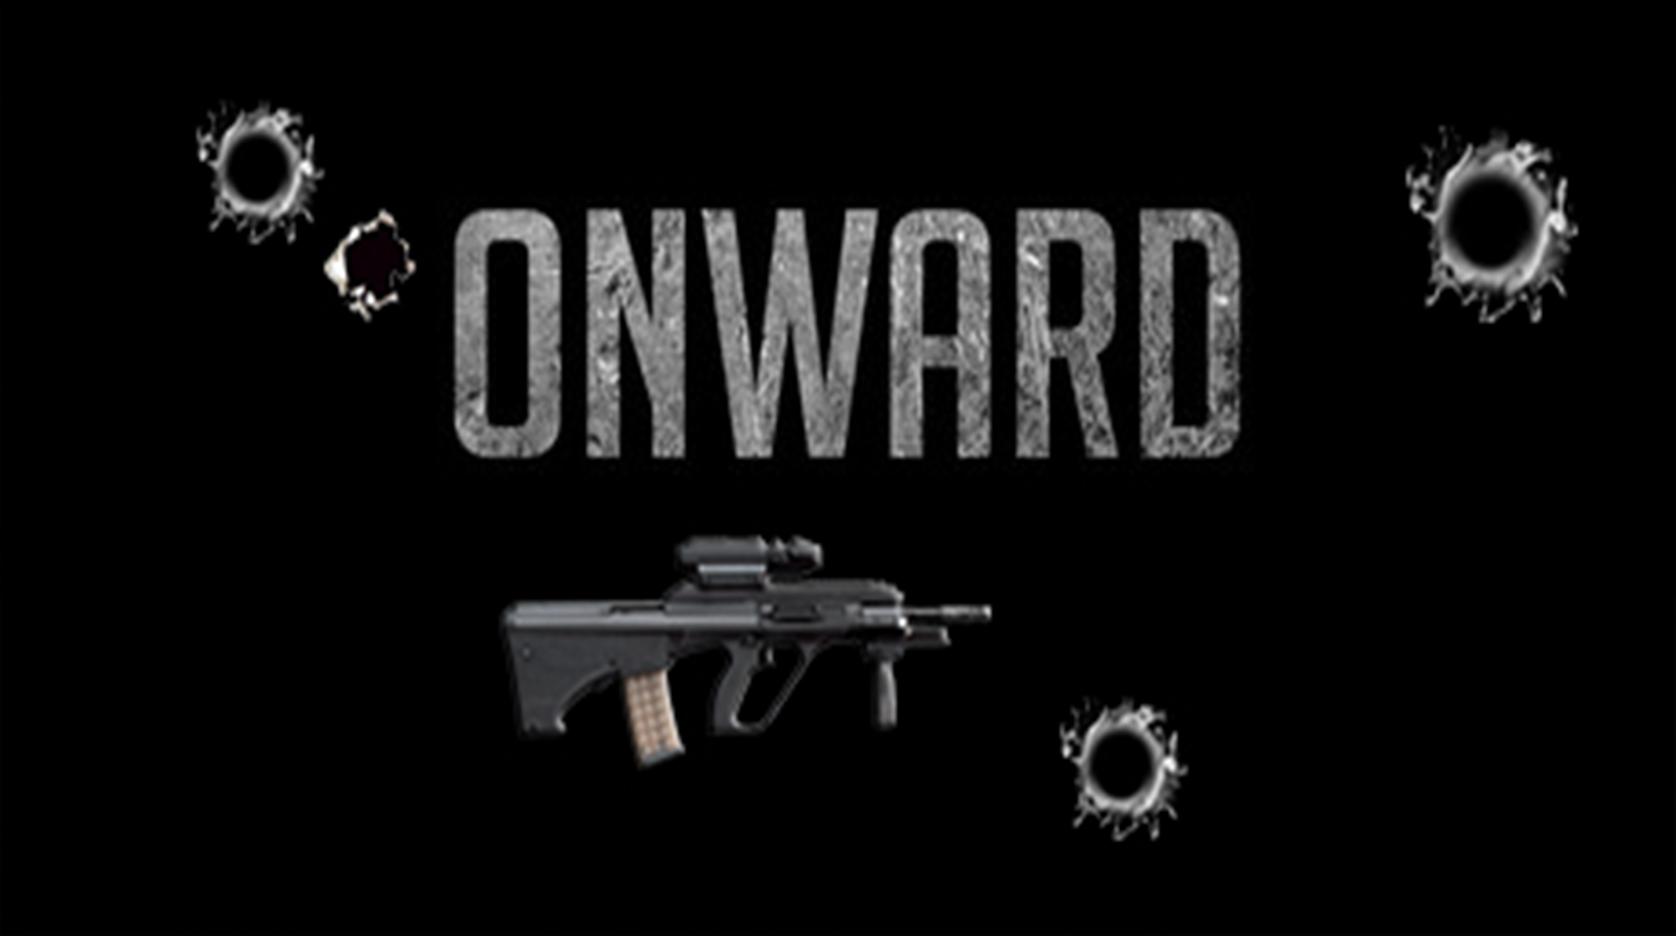 Onward-6